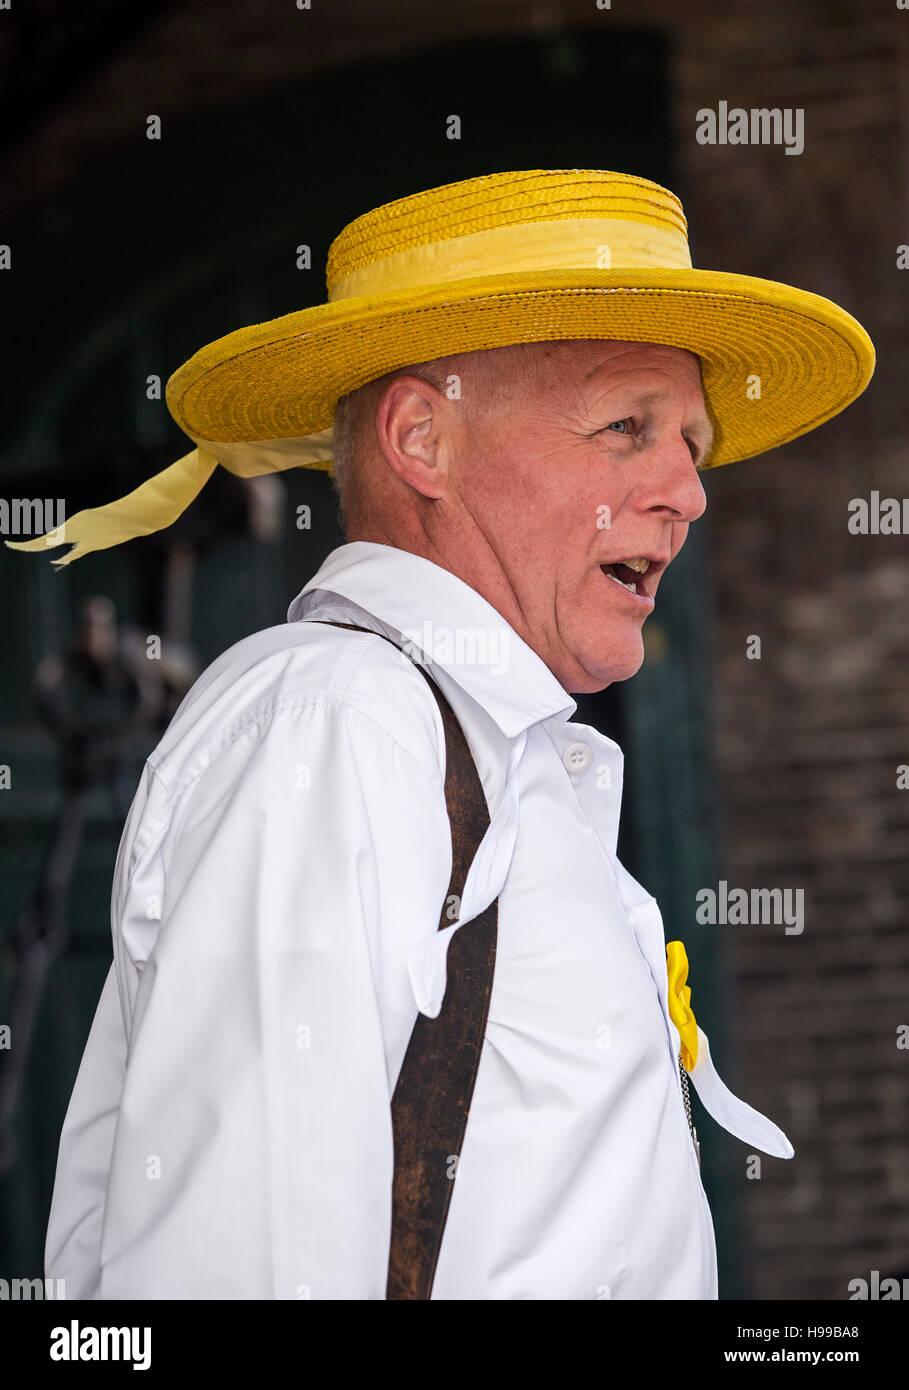 Porträt von Herrn Engel Hopman, Mitglied der Käse Träger Guilde tragen eines gelben Hut, Käsemarkt Stockbild